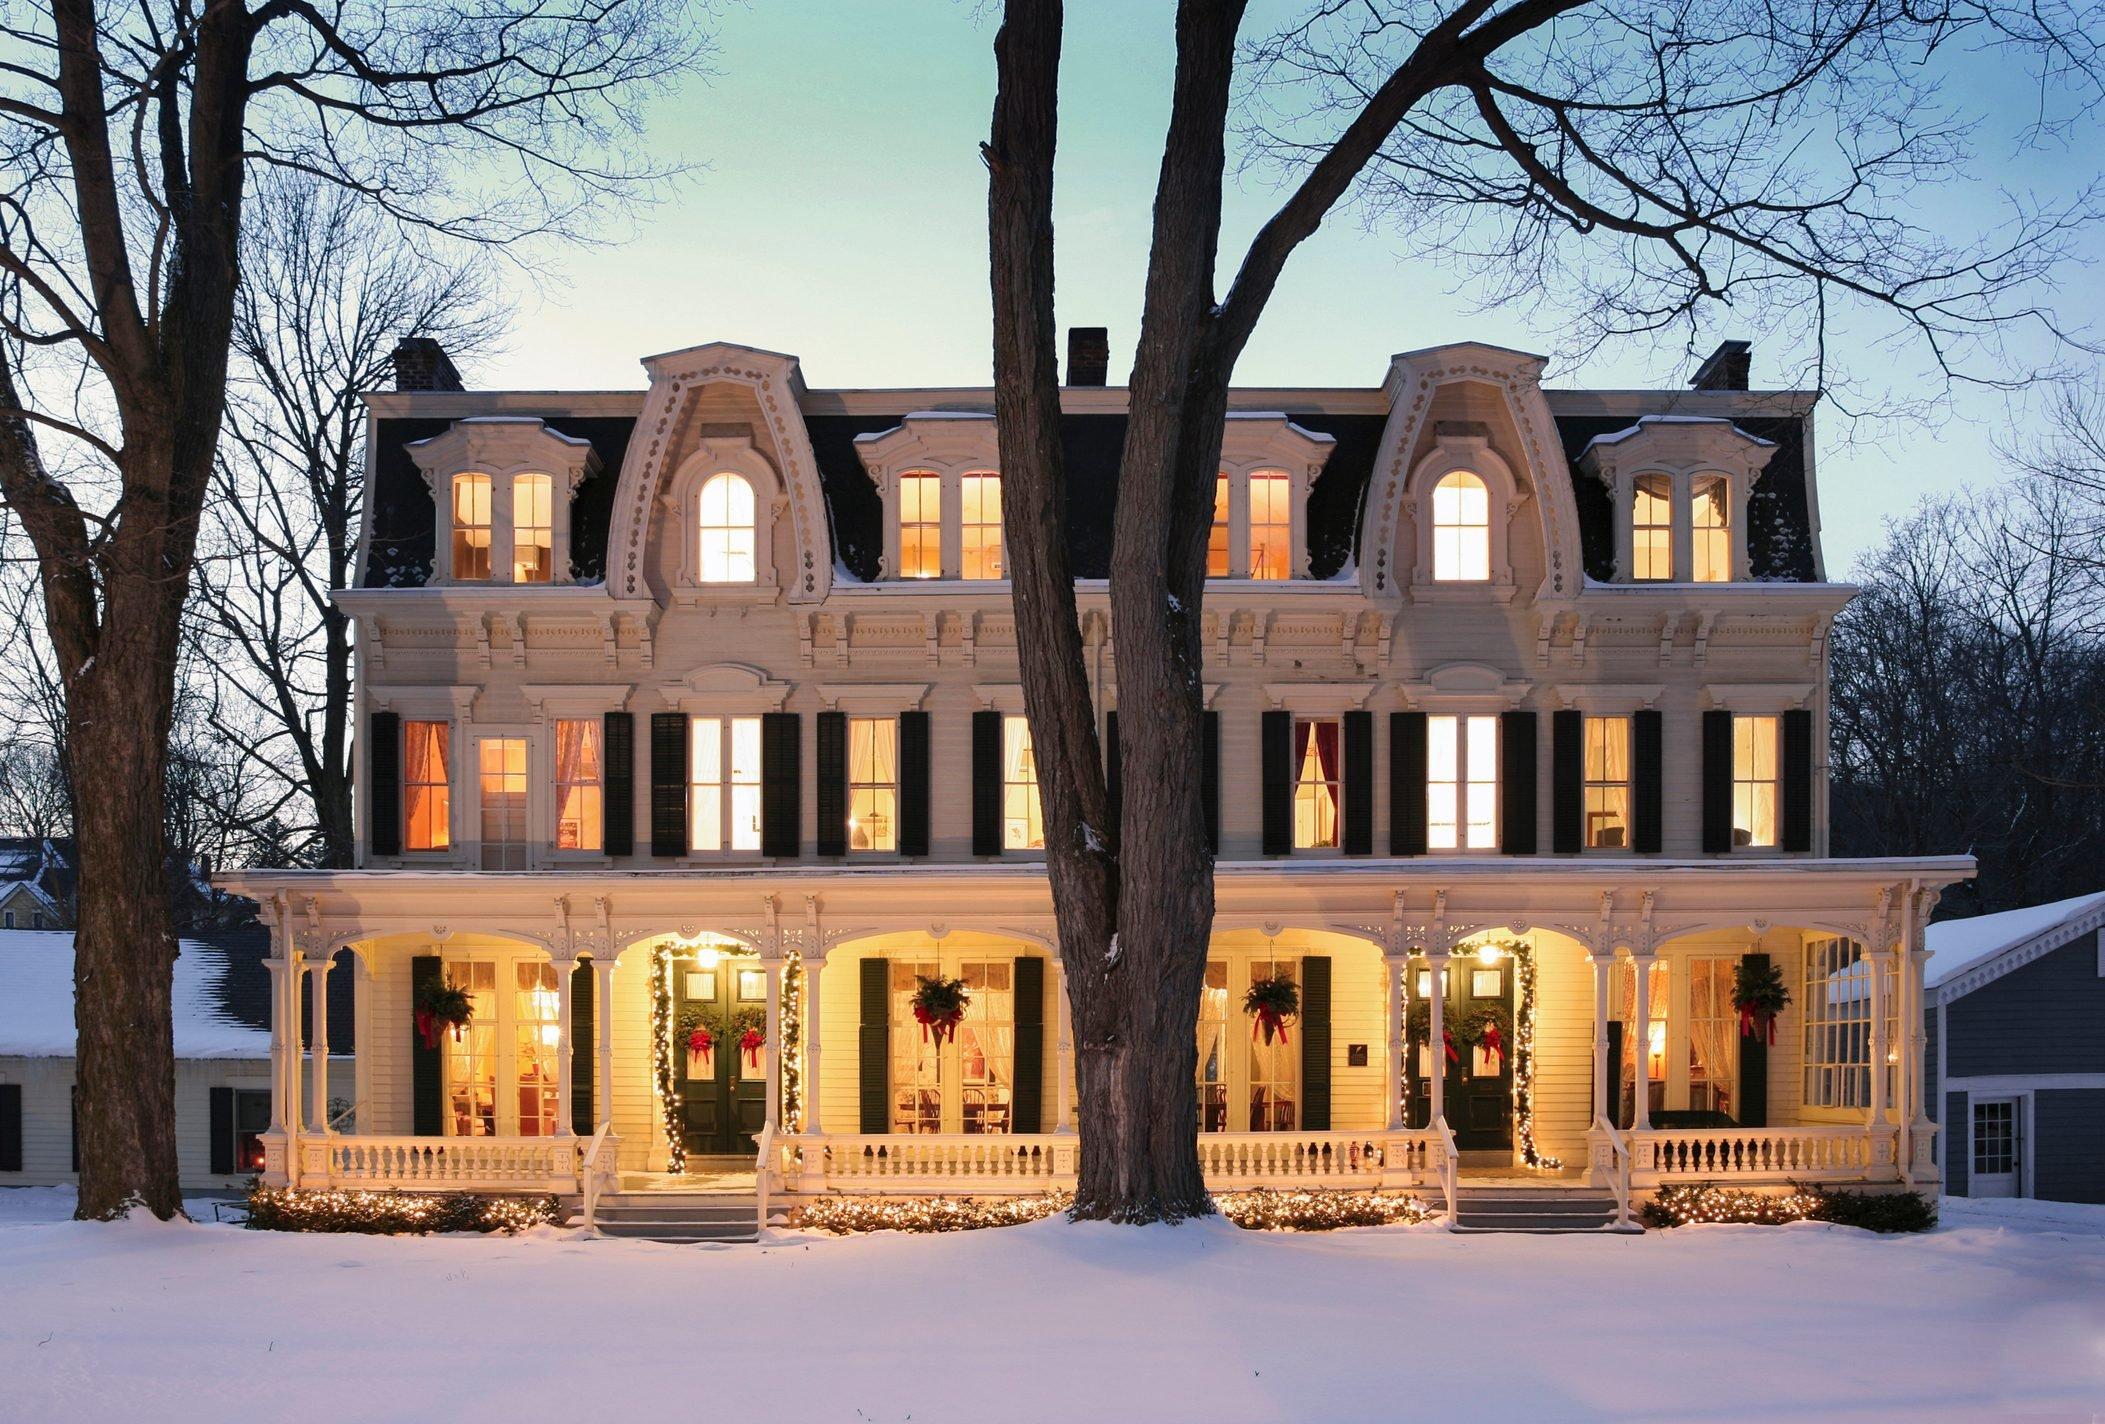 Grand Victorian In Winter